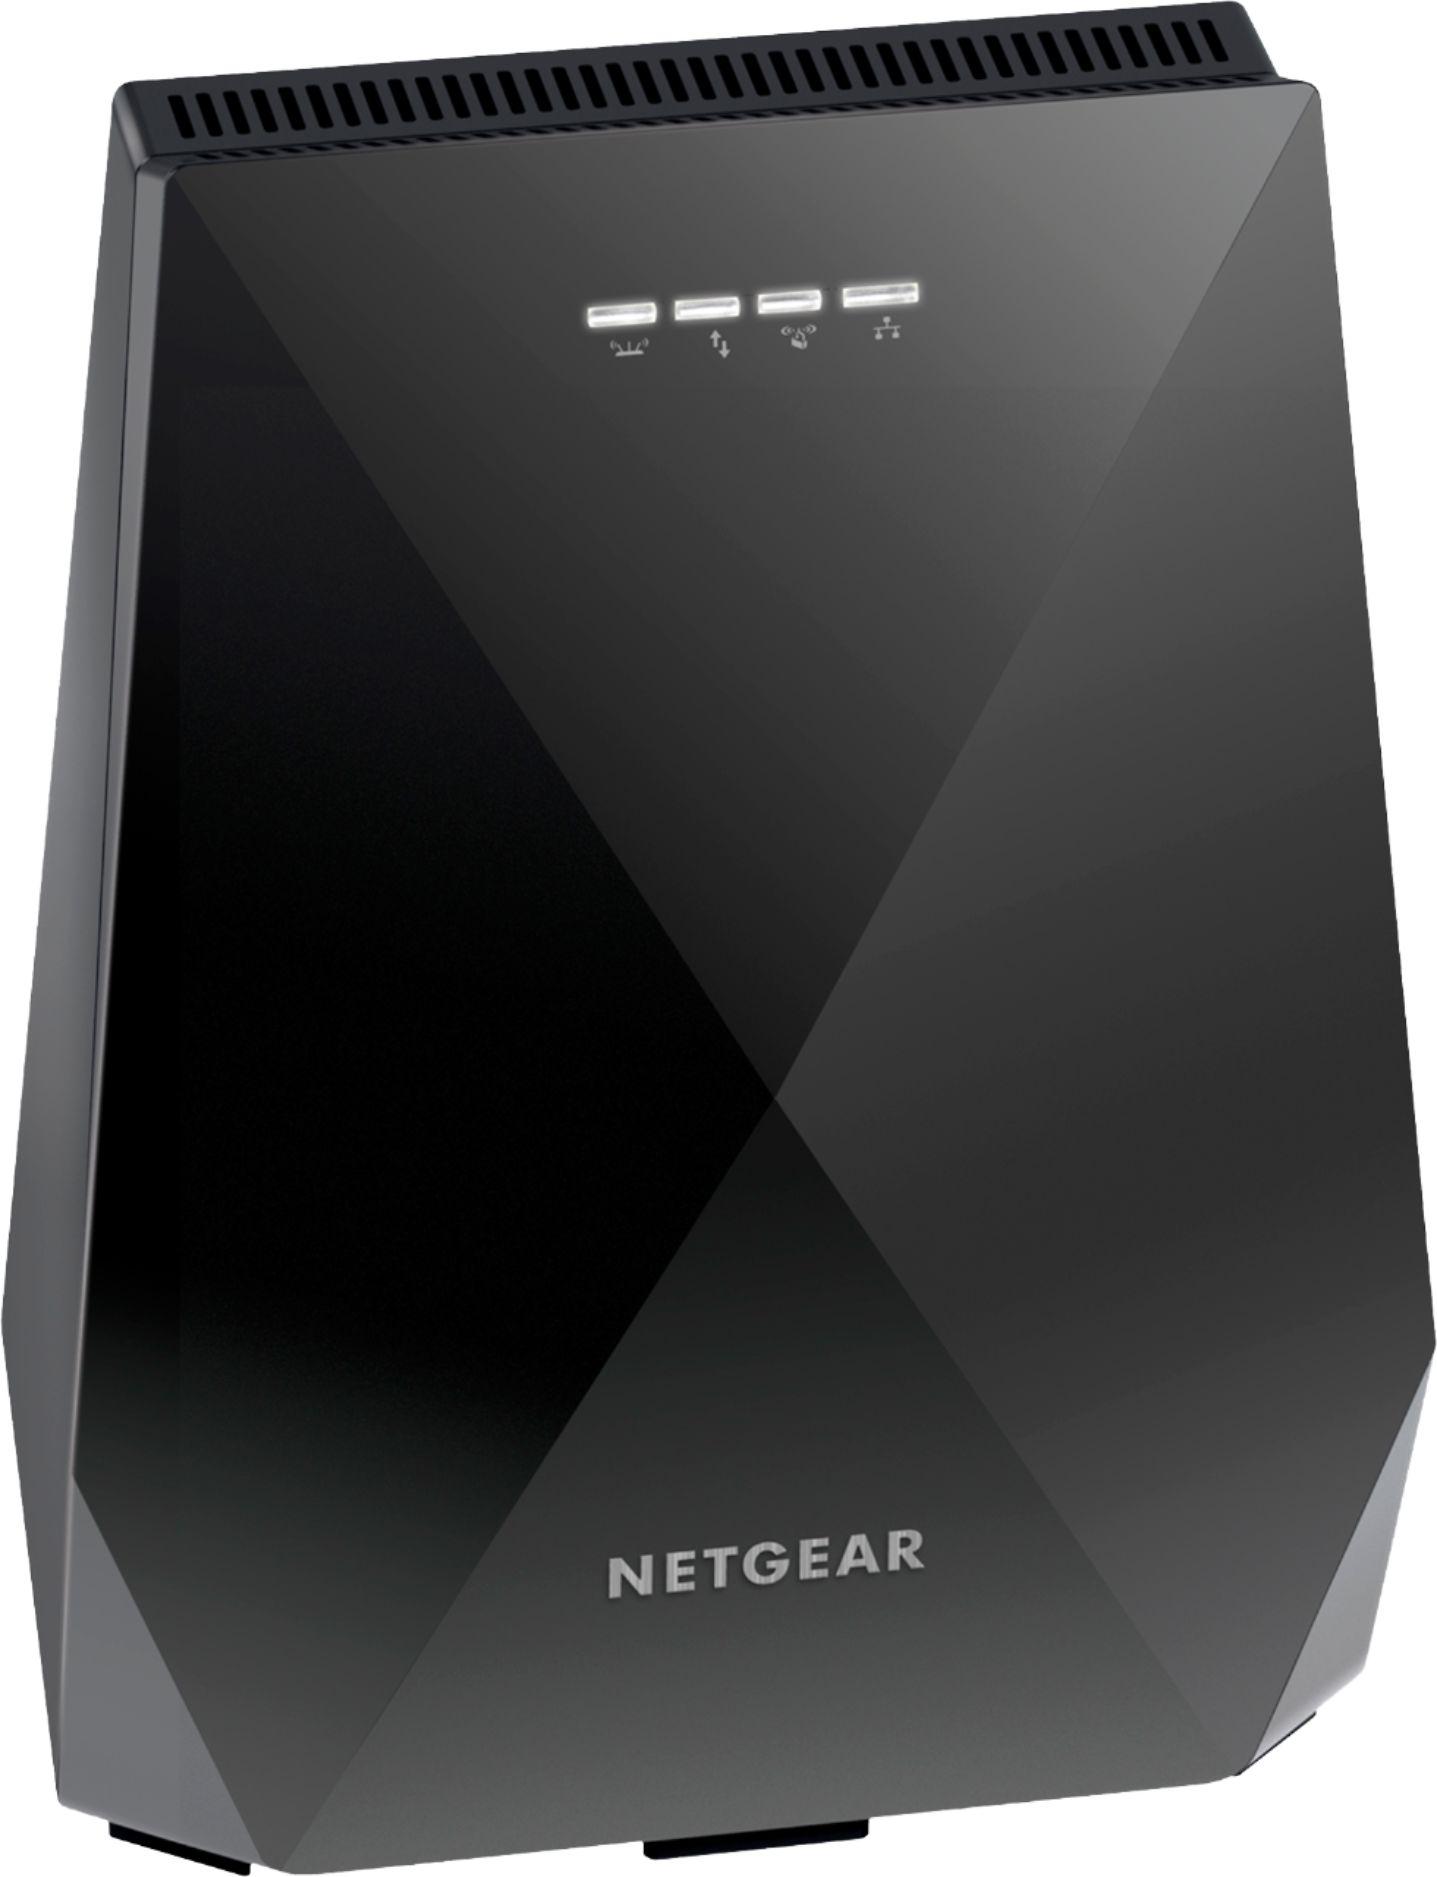 NETGEAR Nighthawk X6 EX7700 - Wi-Fi range extender (28D72